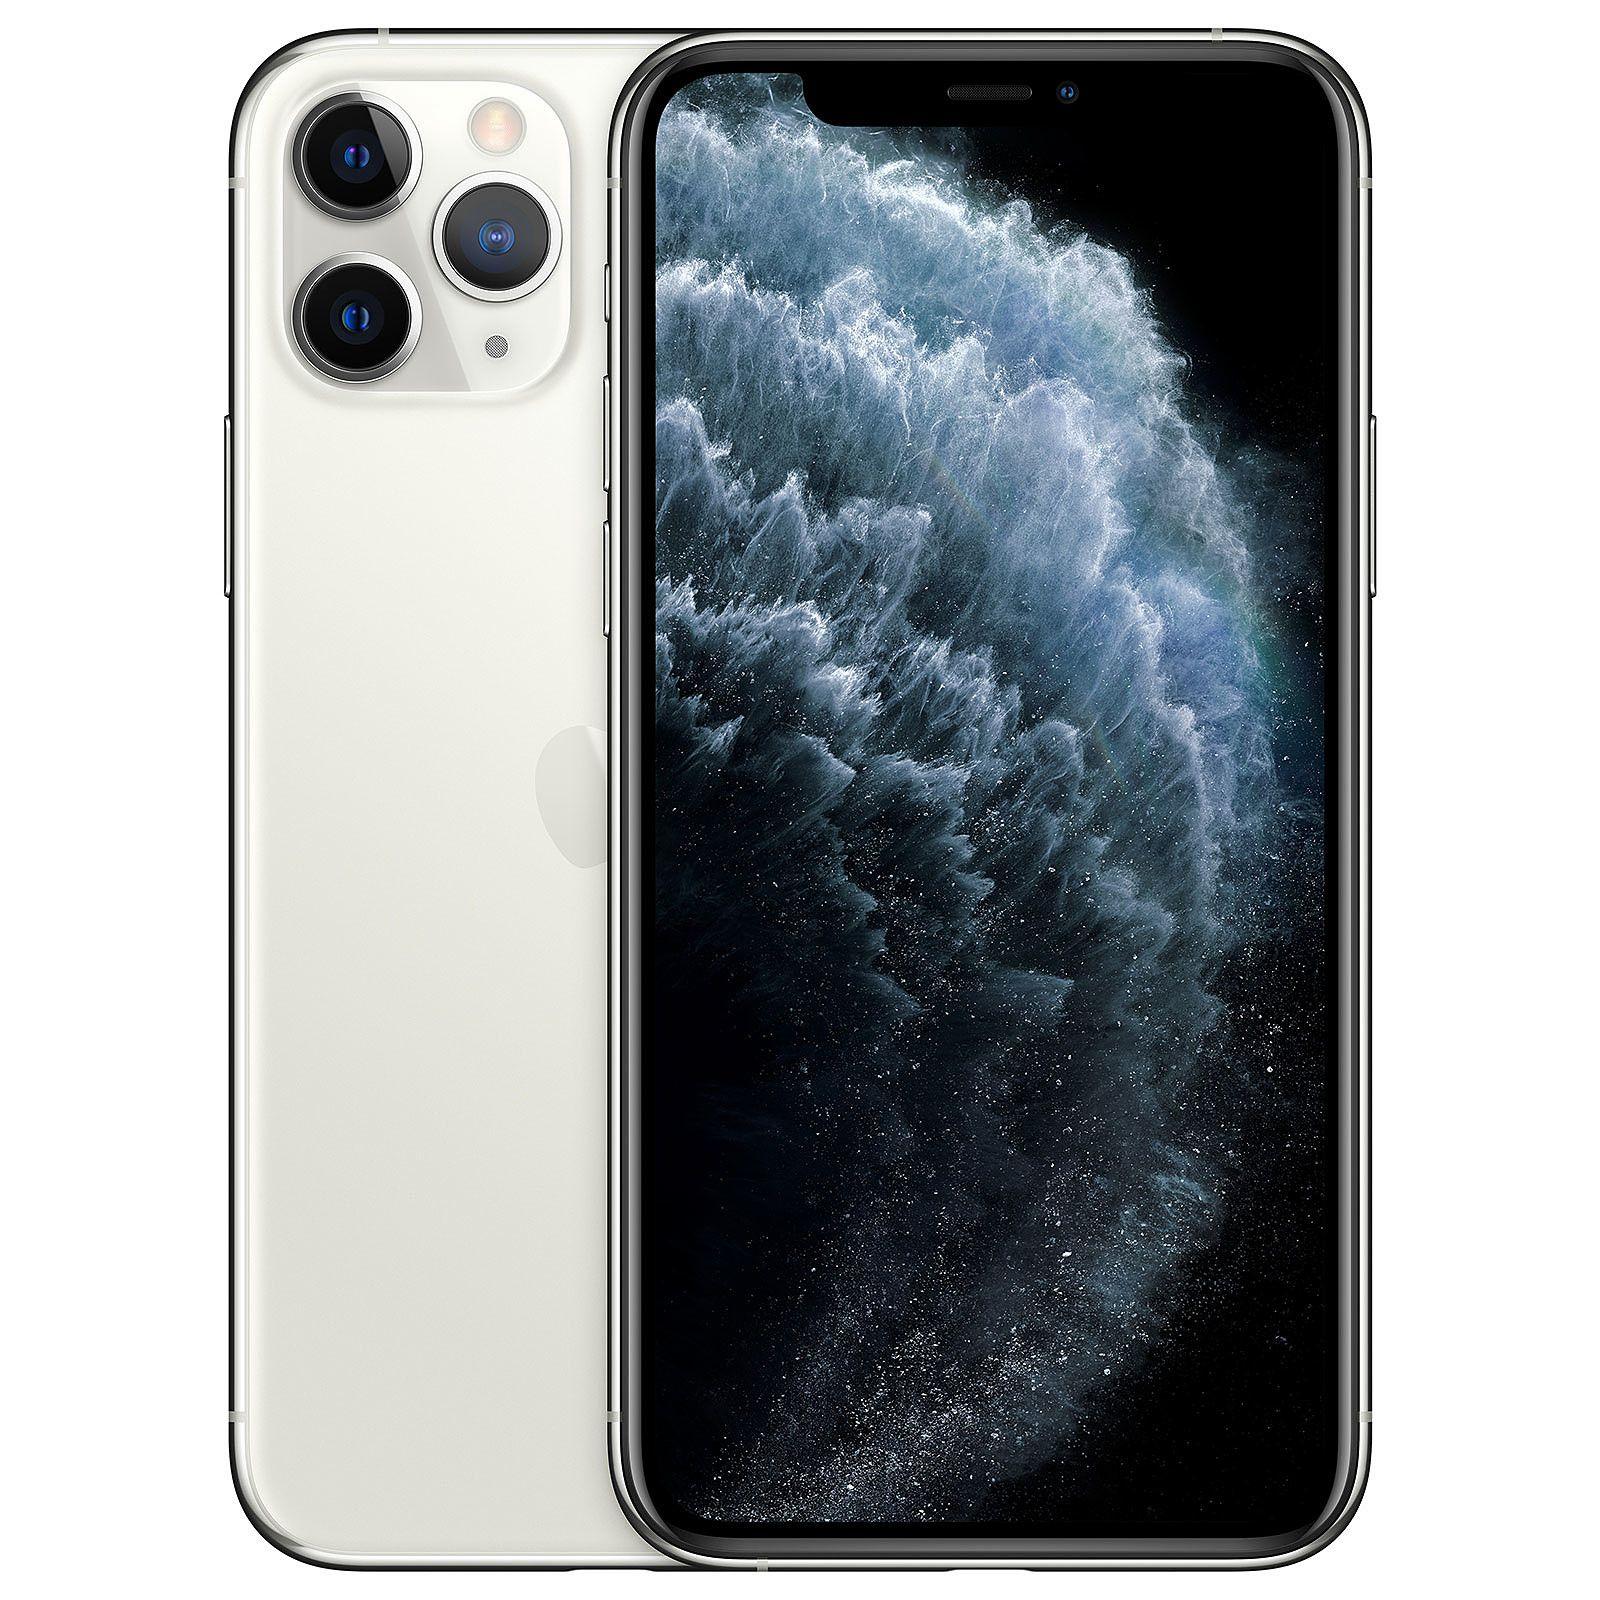 """Apple iPhone 11 Pro 512/4GB (Apple A13, 5.8"""" OLED Display, 12MP Triple Kamera, 3046mAh Akku, IP68 Zertifizierung, 188 Gramm)"""